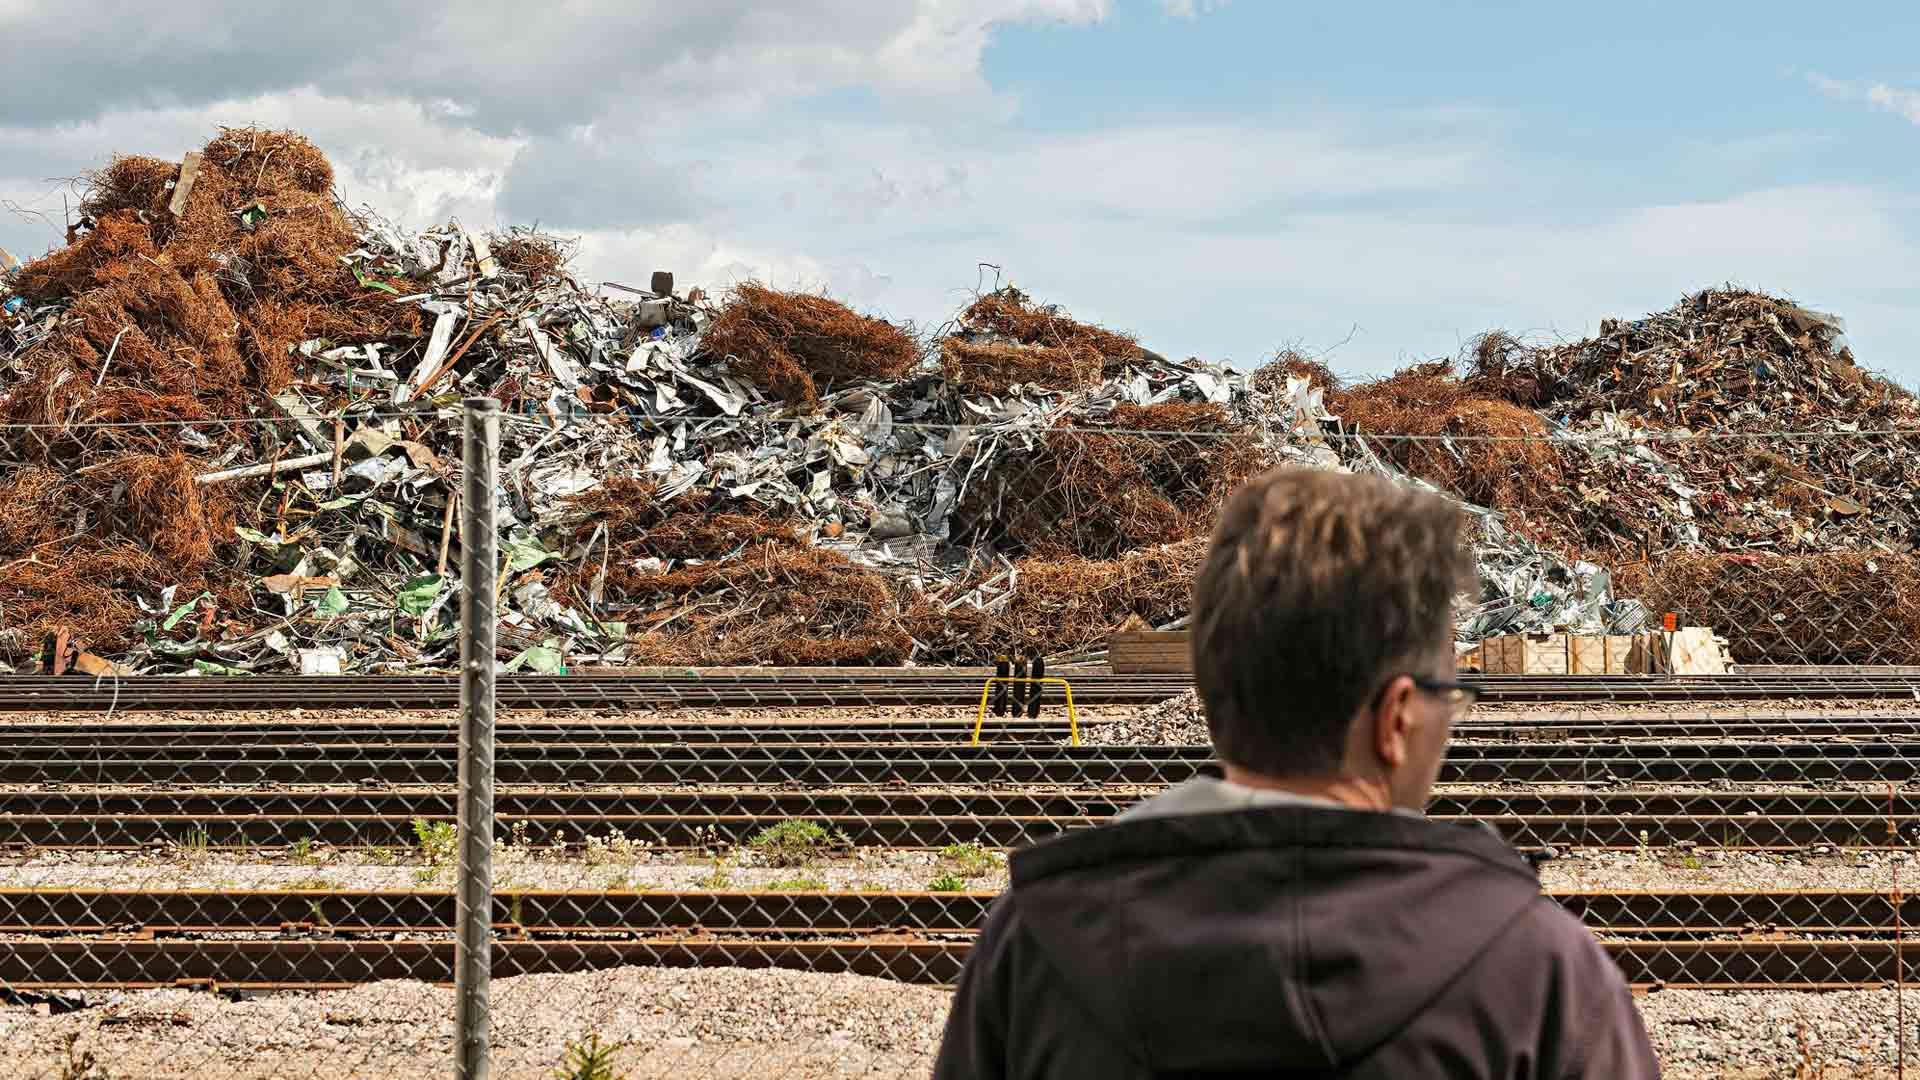 Sataman alueella säilytetään muun muassa metalliromua. Janne Oran mukaan sen käsittely aiheuttaa paljon melua.